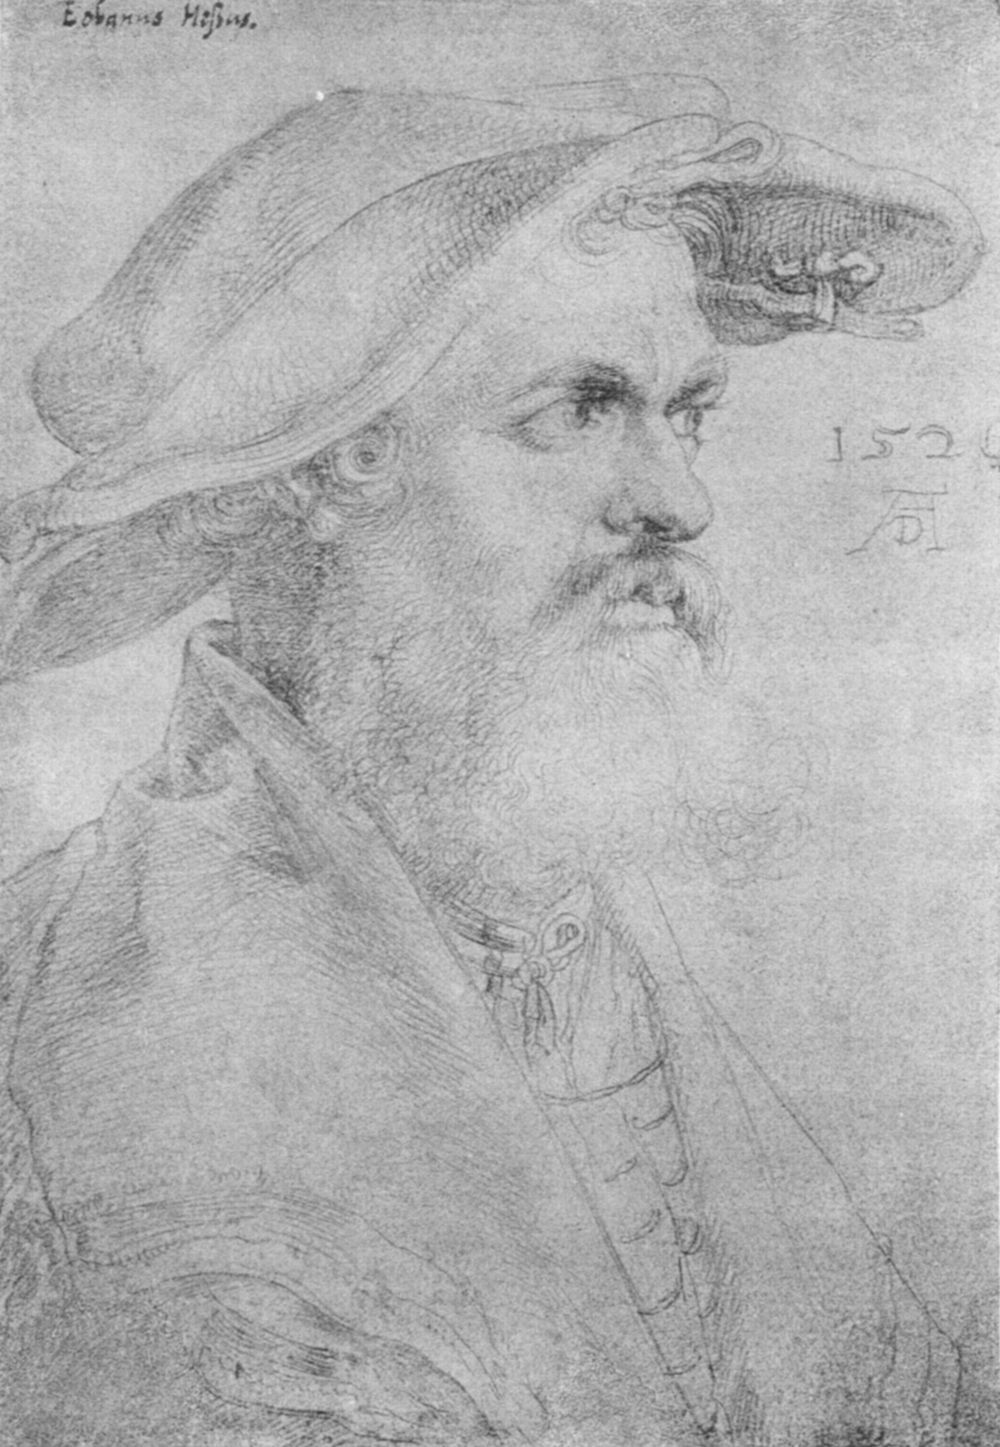 Artist: Dürer, Albrecht, Title: Porträt des Eobanus Hesse, Date: 1526